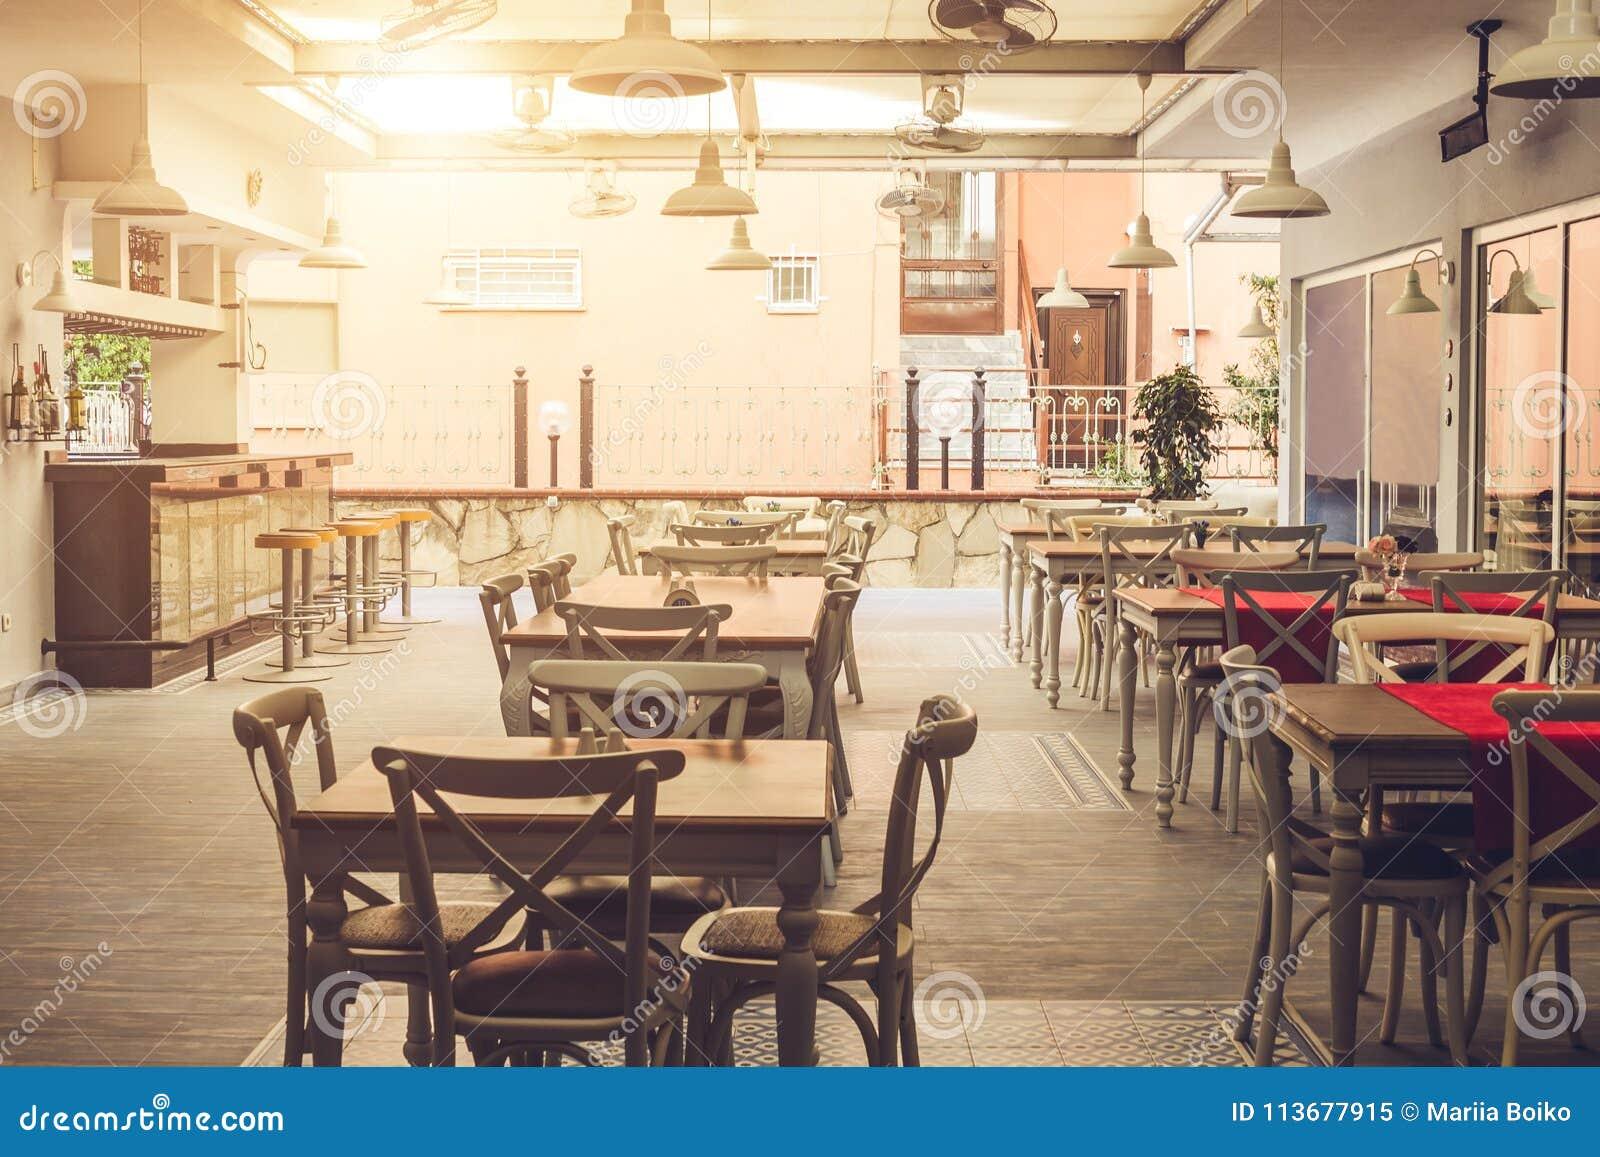 Interior of hotel restaurant. Empty hotel bar. Design of hotel dining room